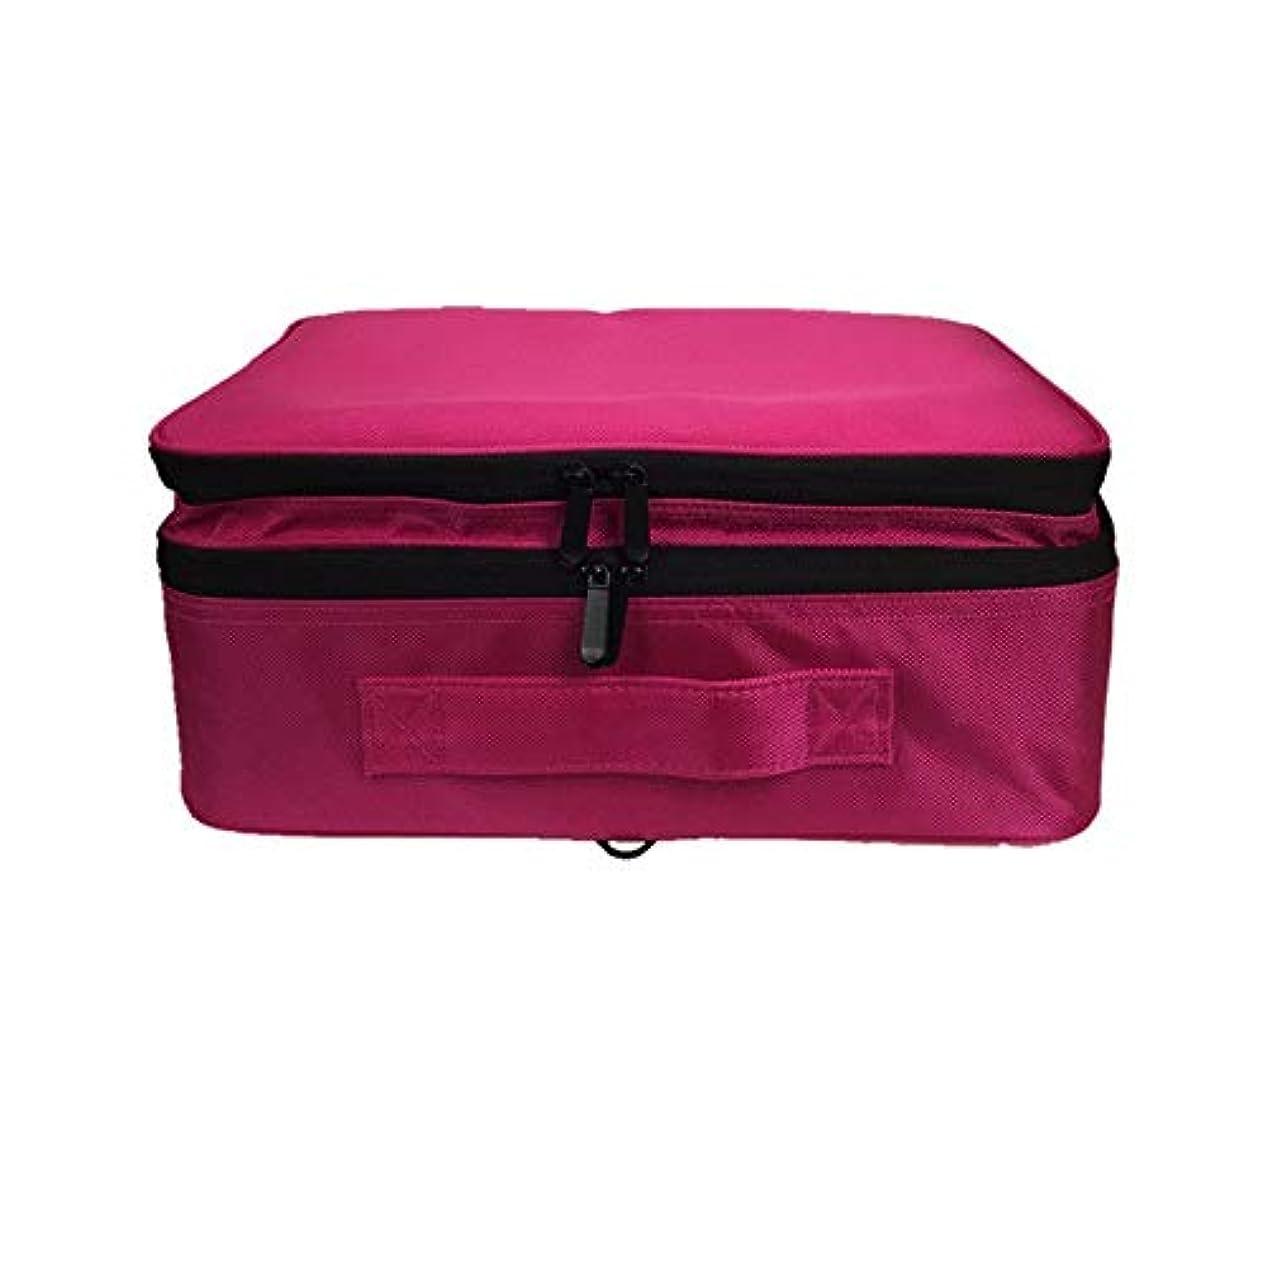 パートナーパイプ団結する化粧オーガナイザーバッグ 調整可能な仕切り付き防水メイクアップバッグ旅行化粧ケースブラシホルダー 化粧品ケース (色 : 赤)